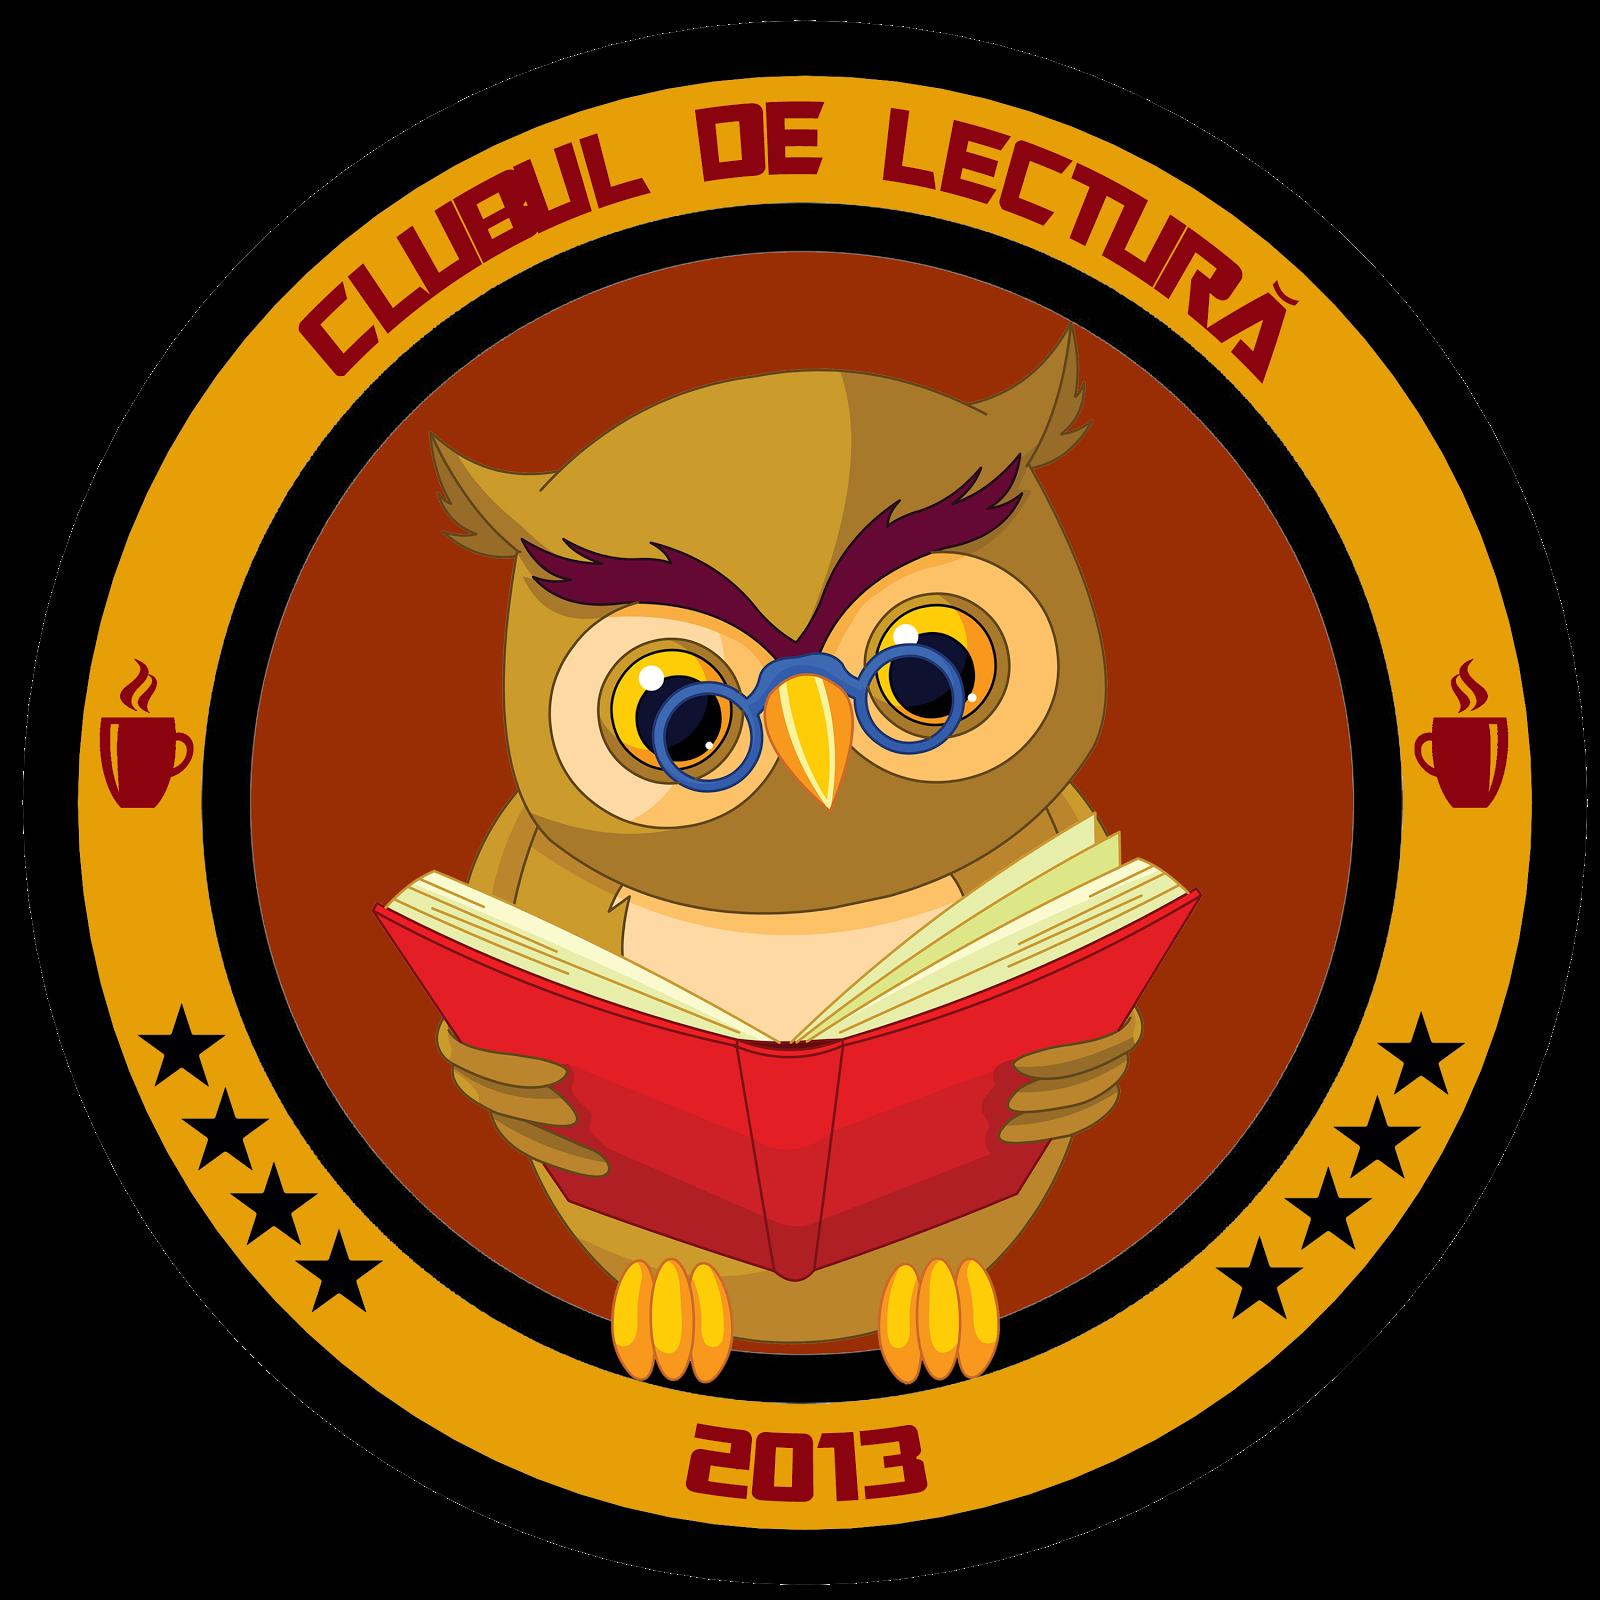 Clubul de Lectură